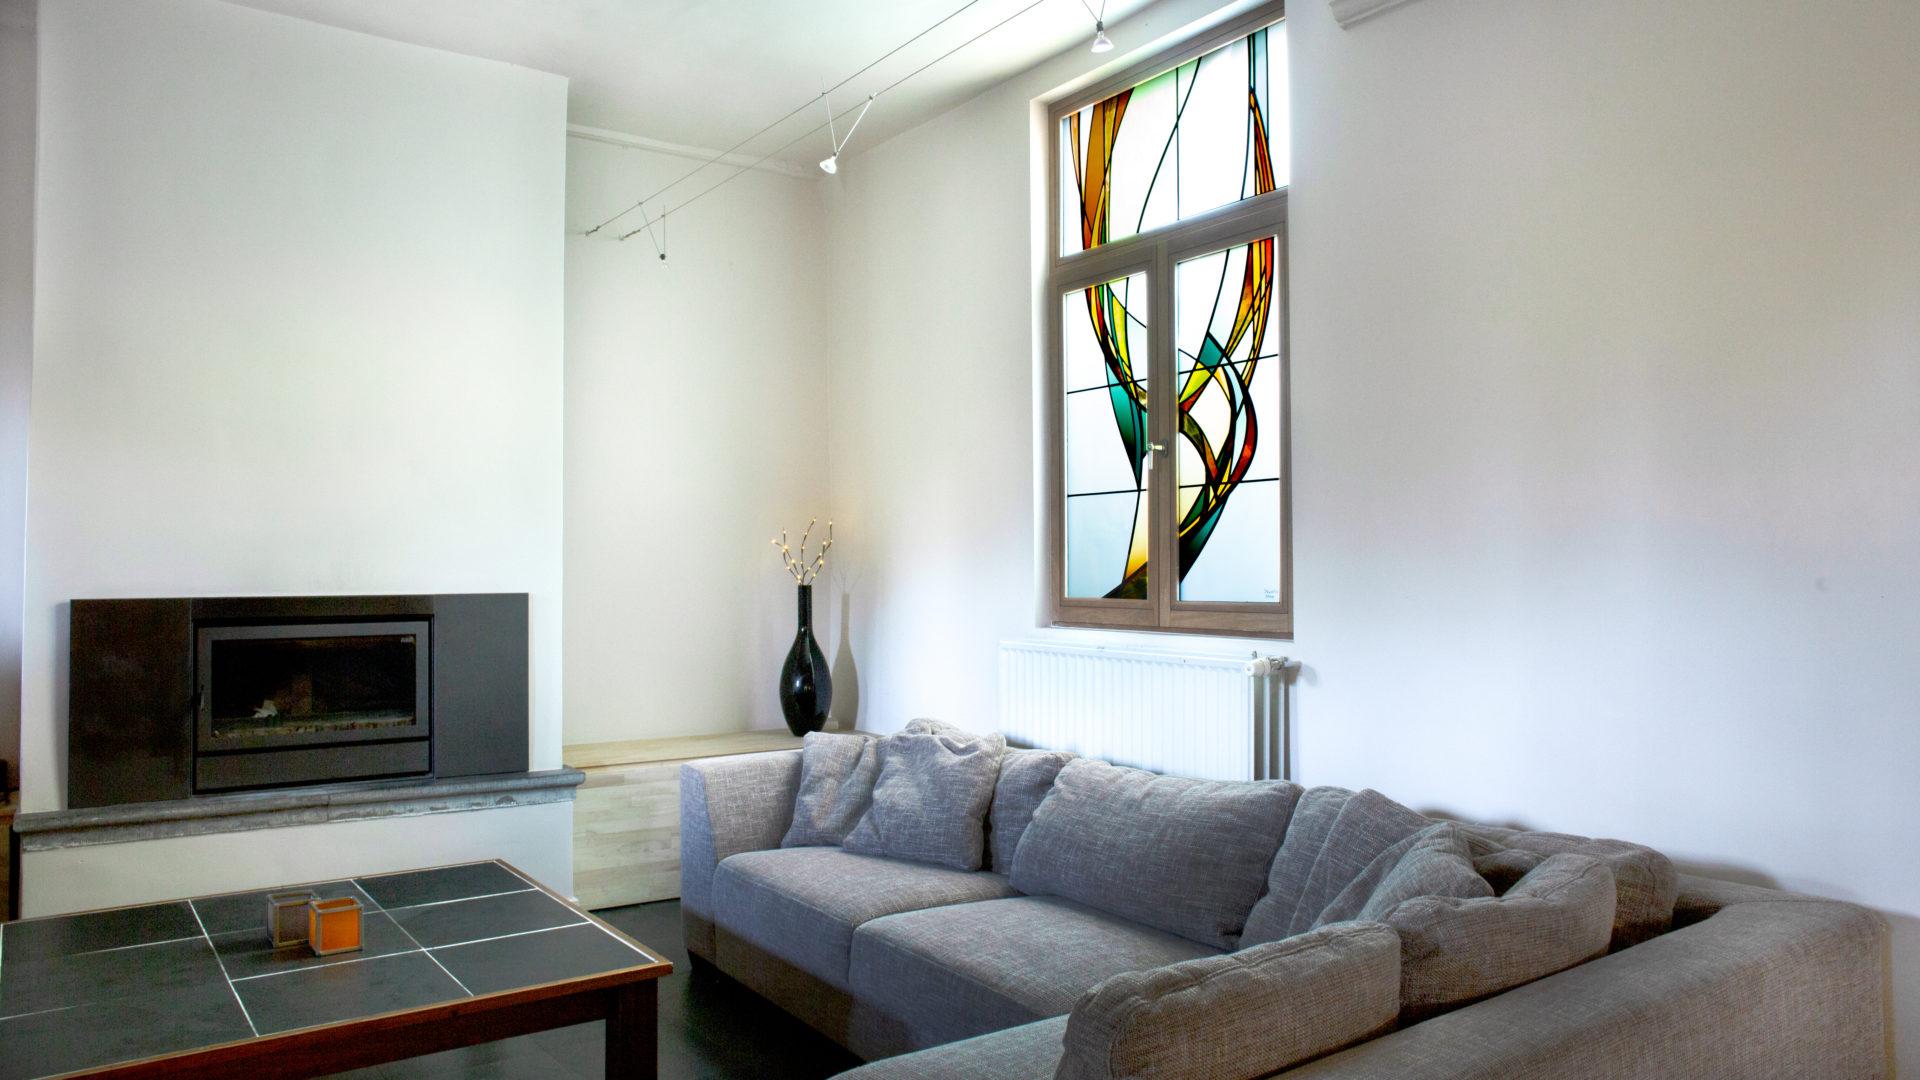 Glas-in-lood in badkamer, privé-woning te Gent.